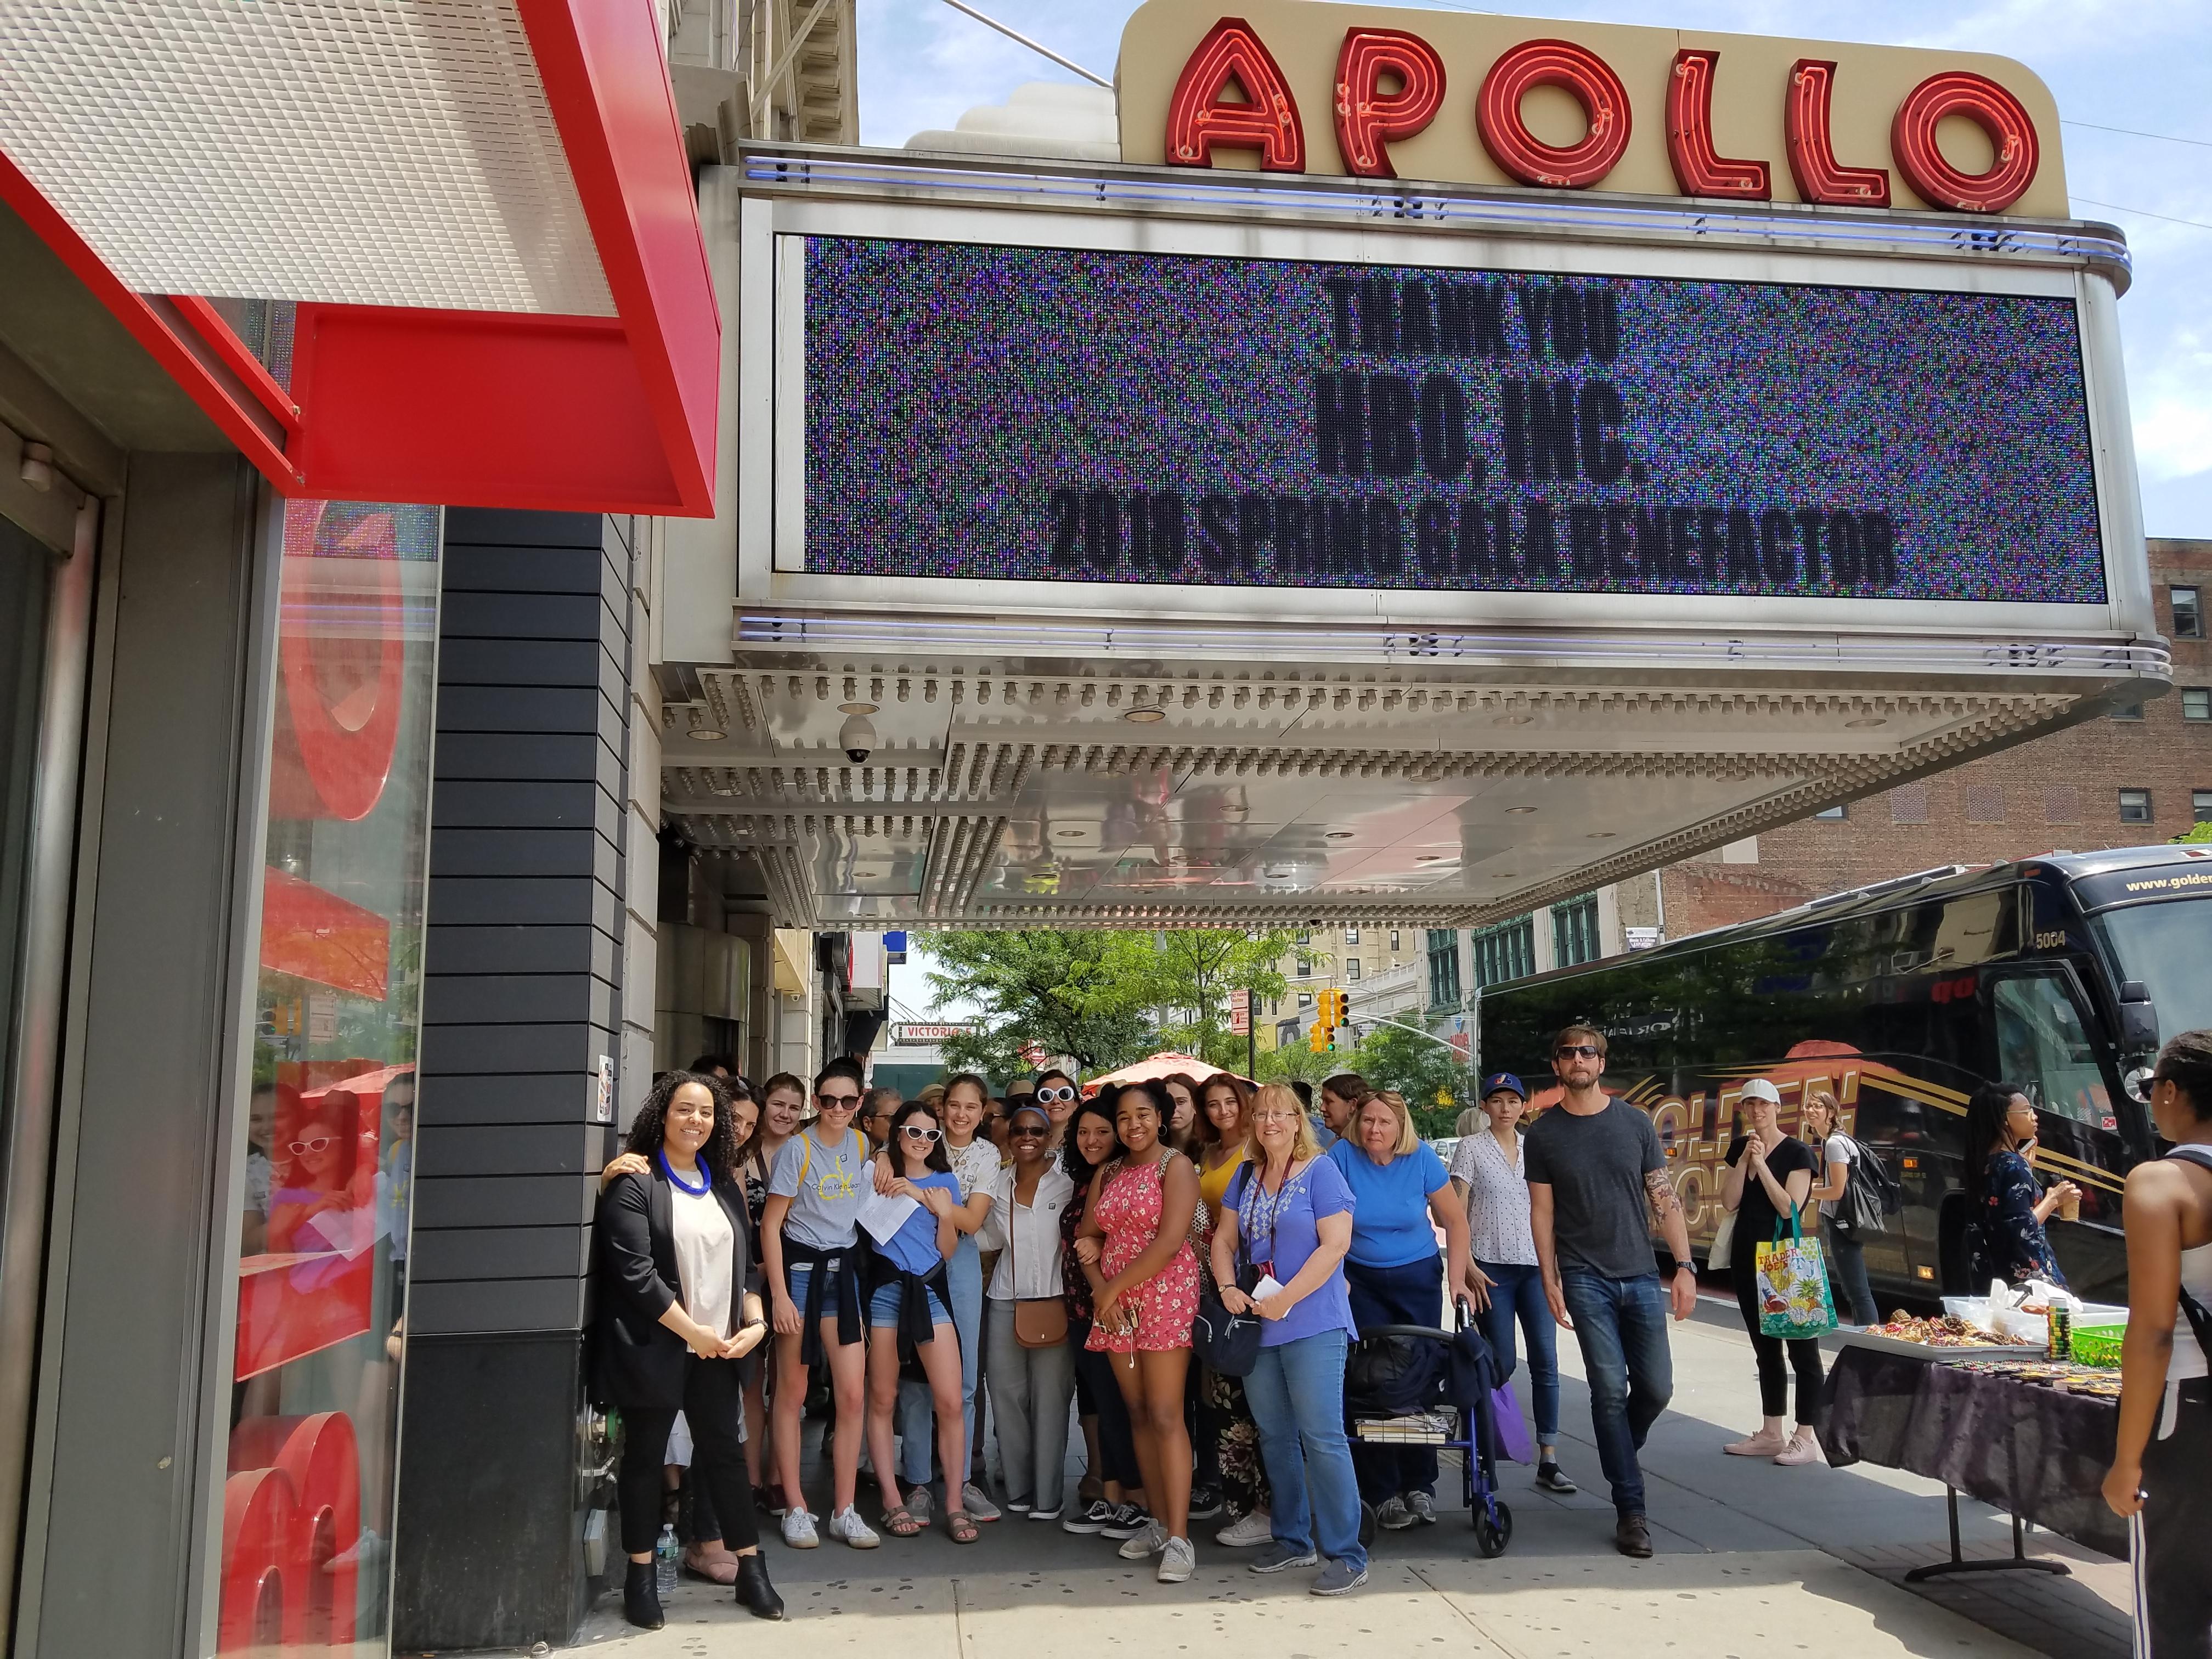 Un groupe de touristes debout sous le chapiteau de l'Apollo Theatre